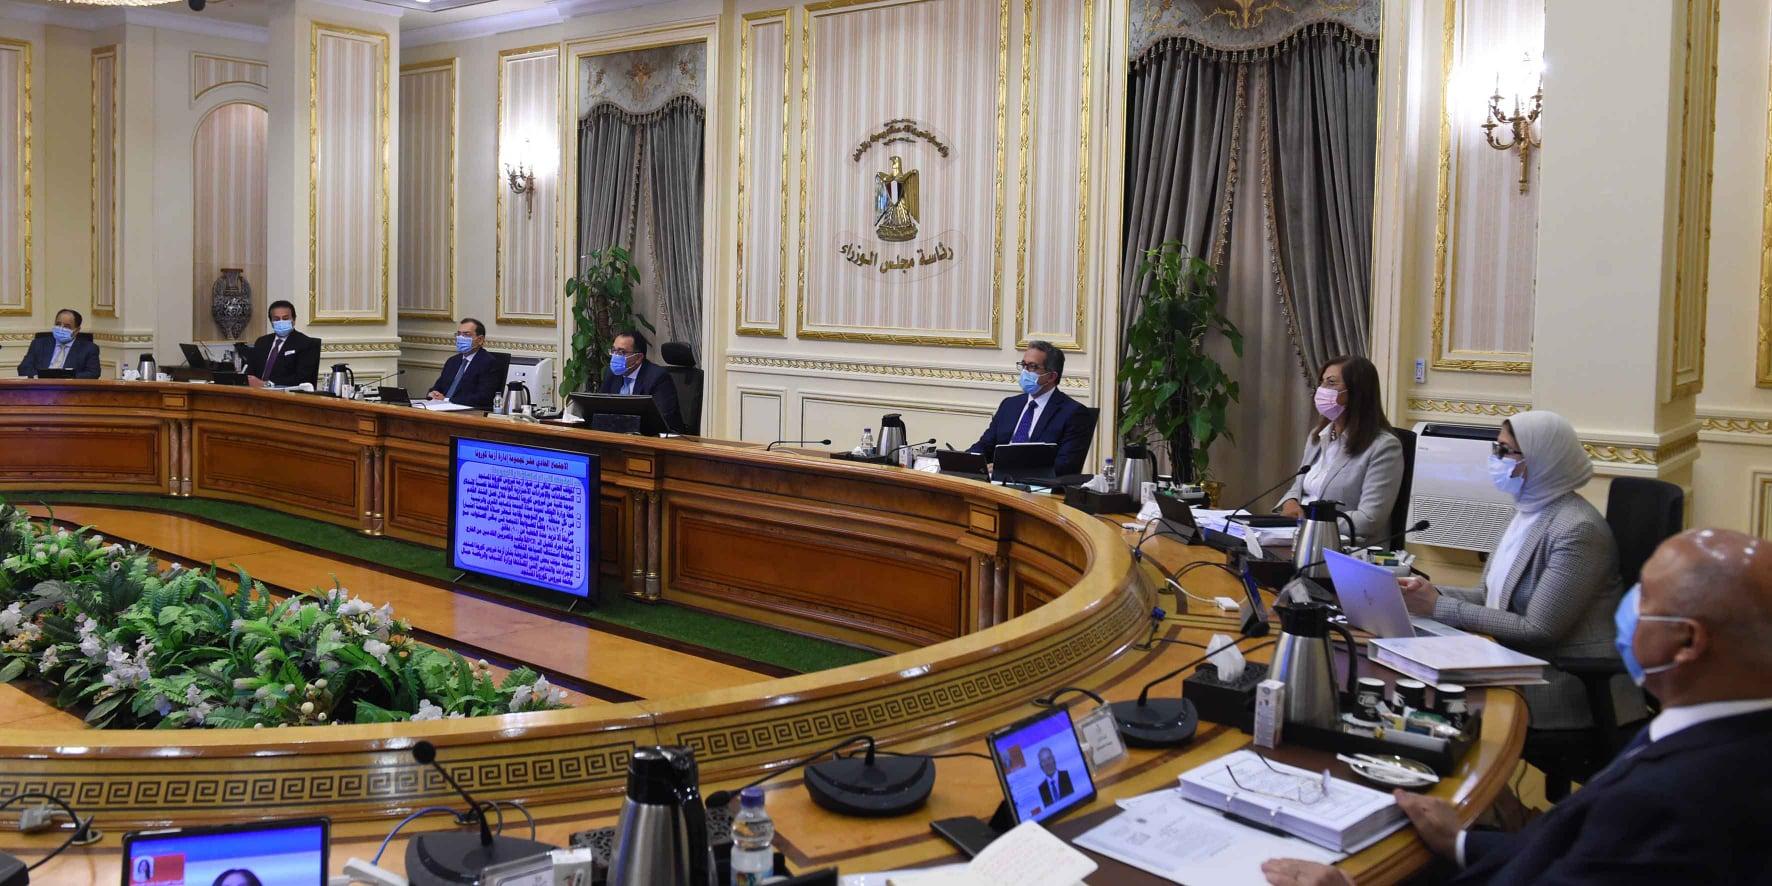 الحكومة تخصص قطعتى أرض بمدينة نصر و6 أكتوبر لاستخدامهما فى مشروعات